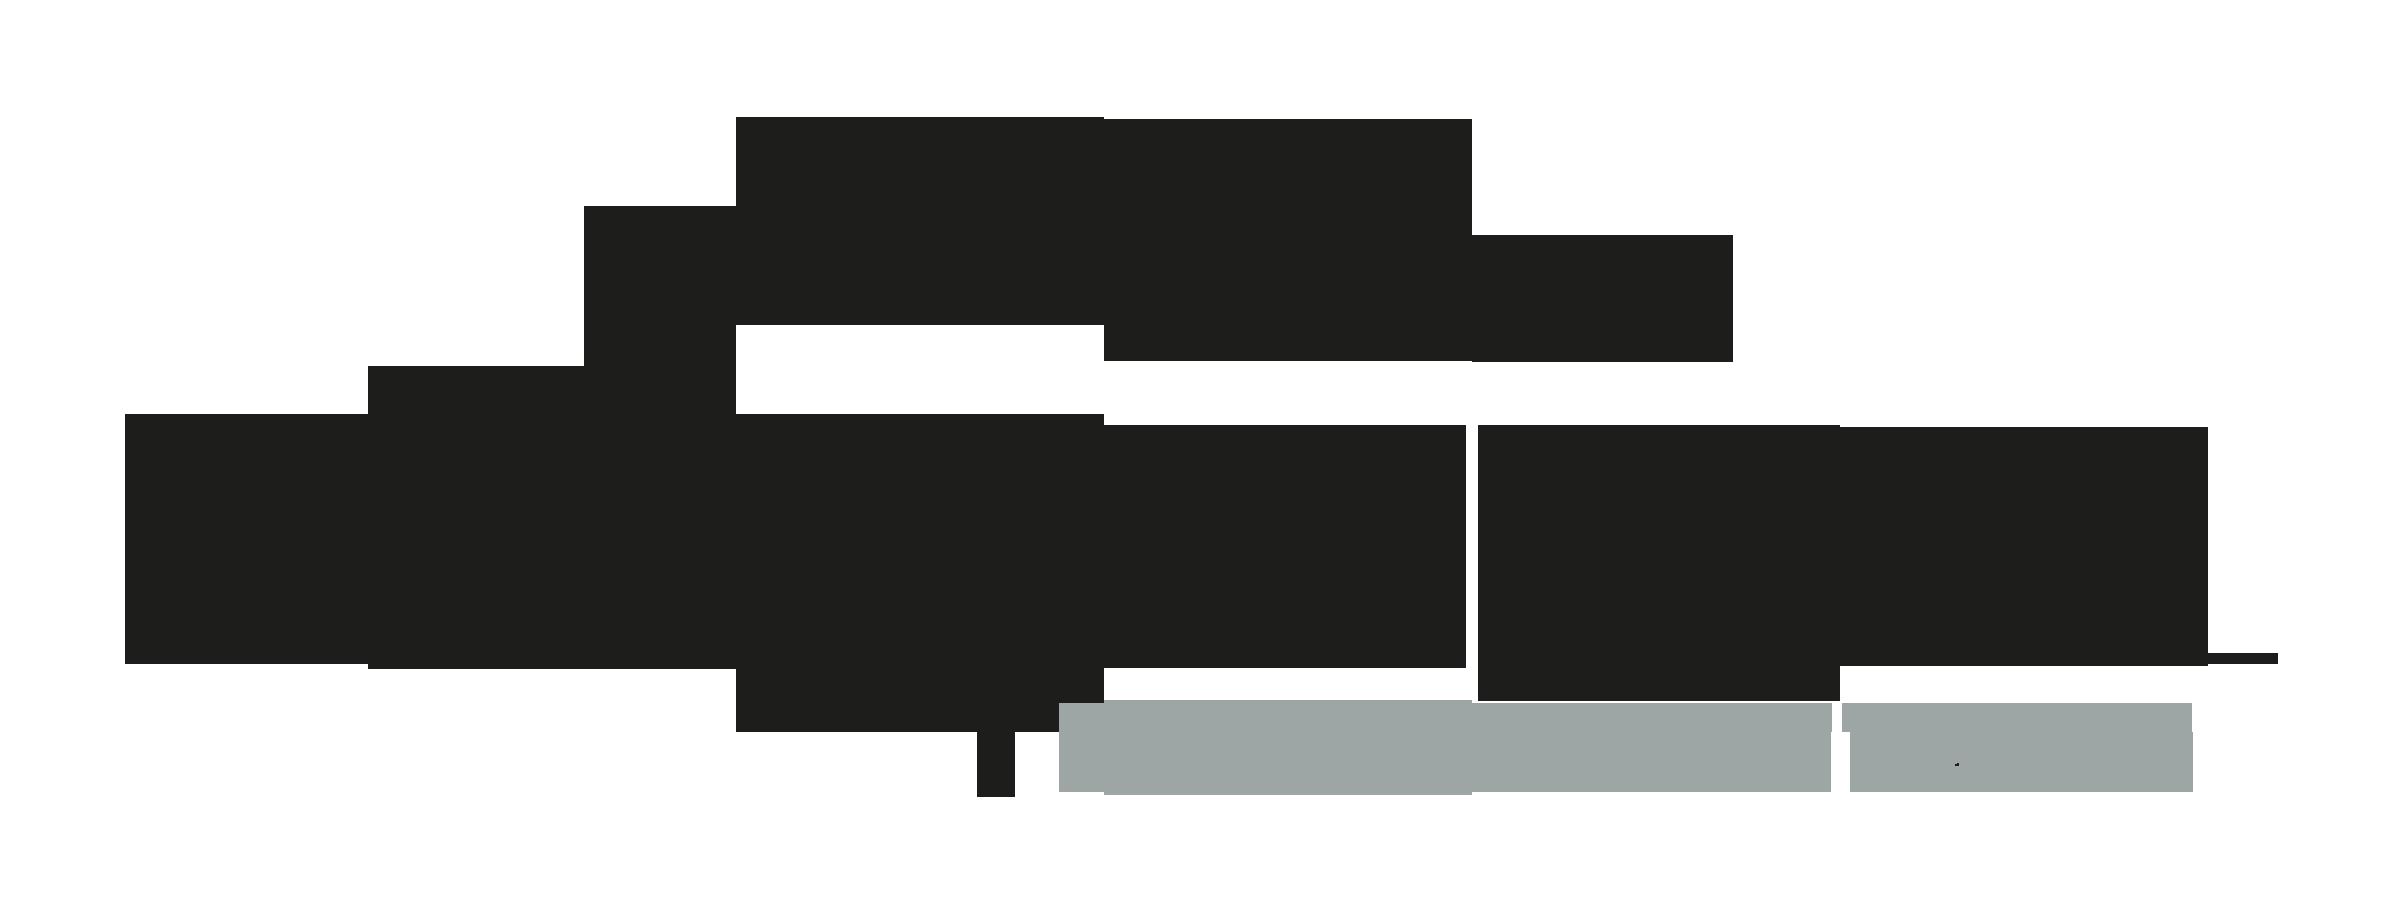 KOCH_OPTICAL_Fashion_Eyawear